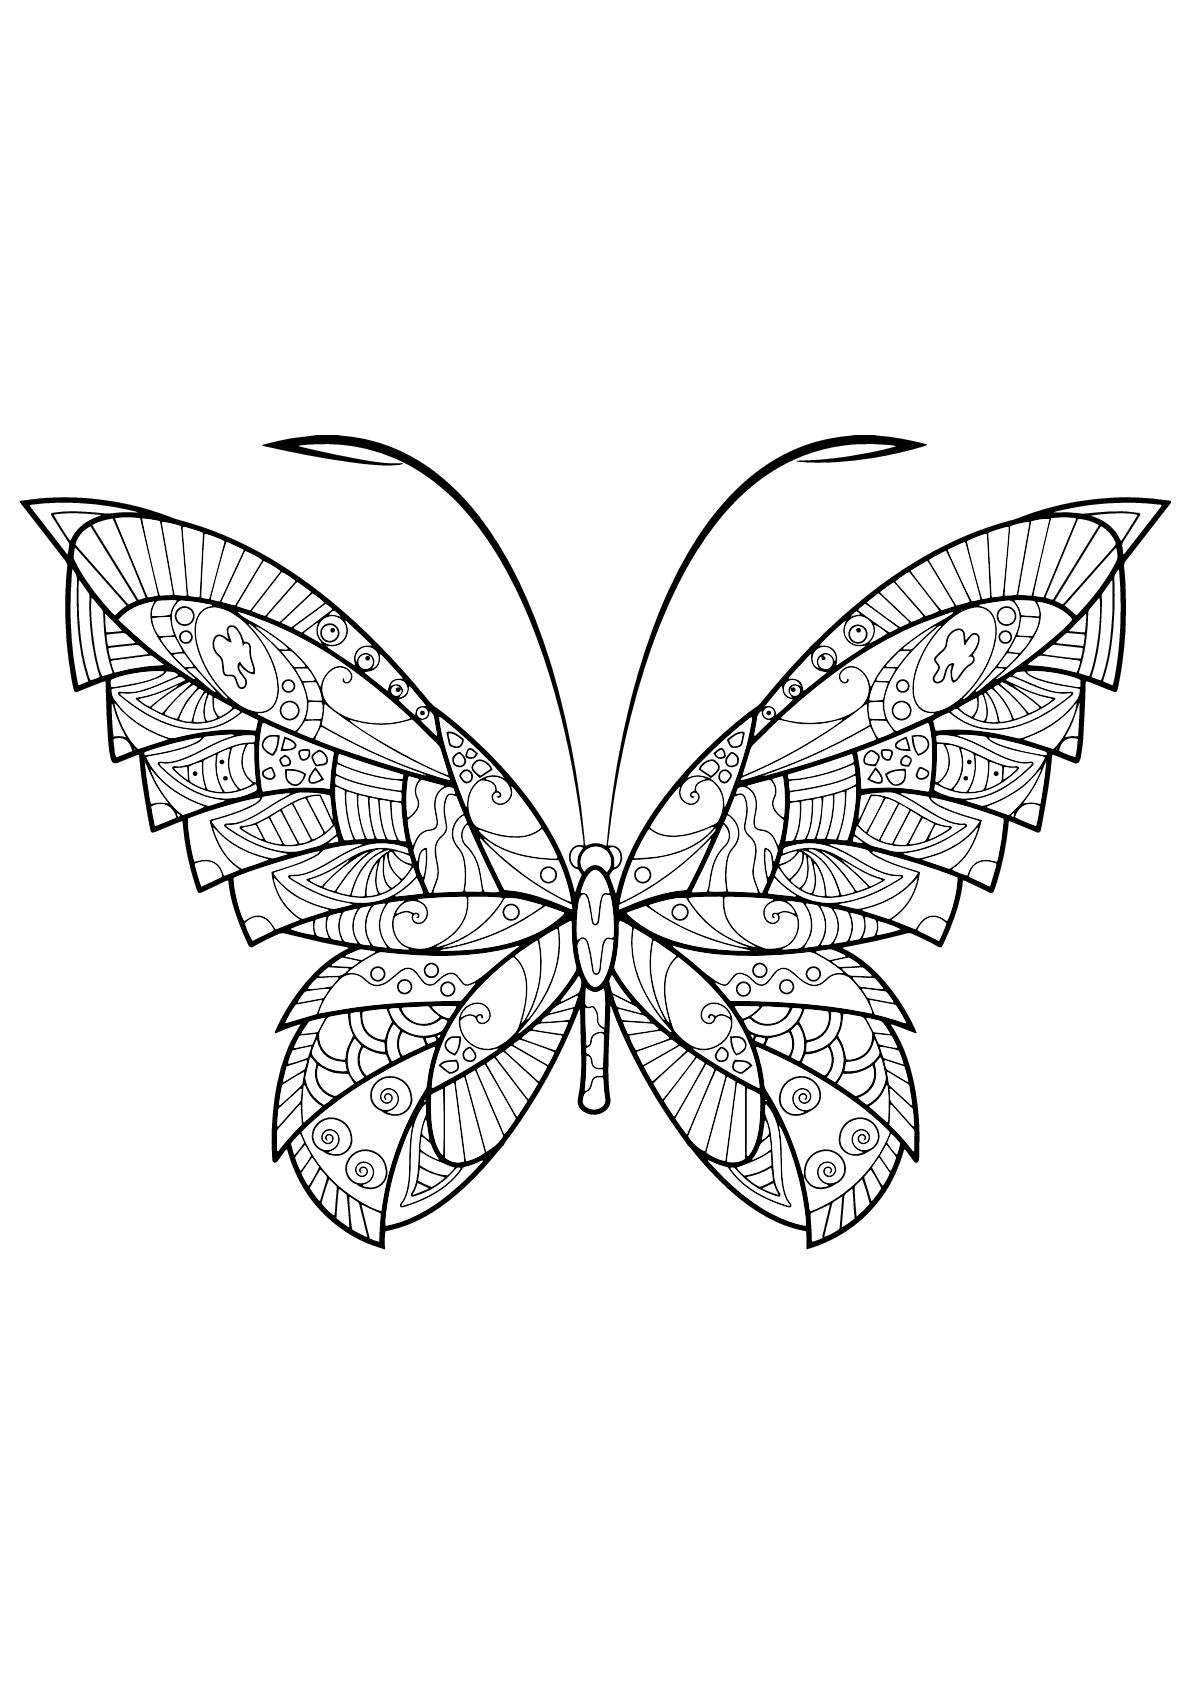 Insectos 80831   Mariposas e insectos - Colorear para adultos